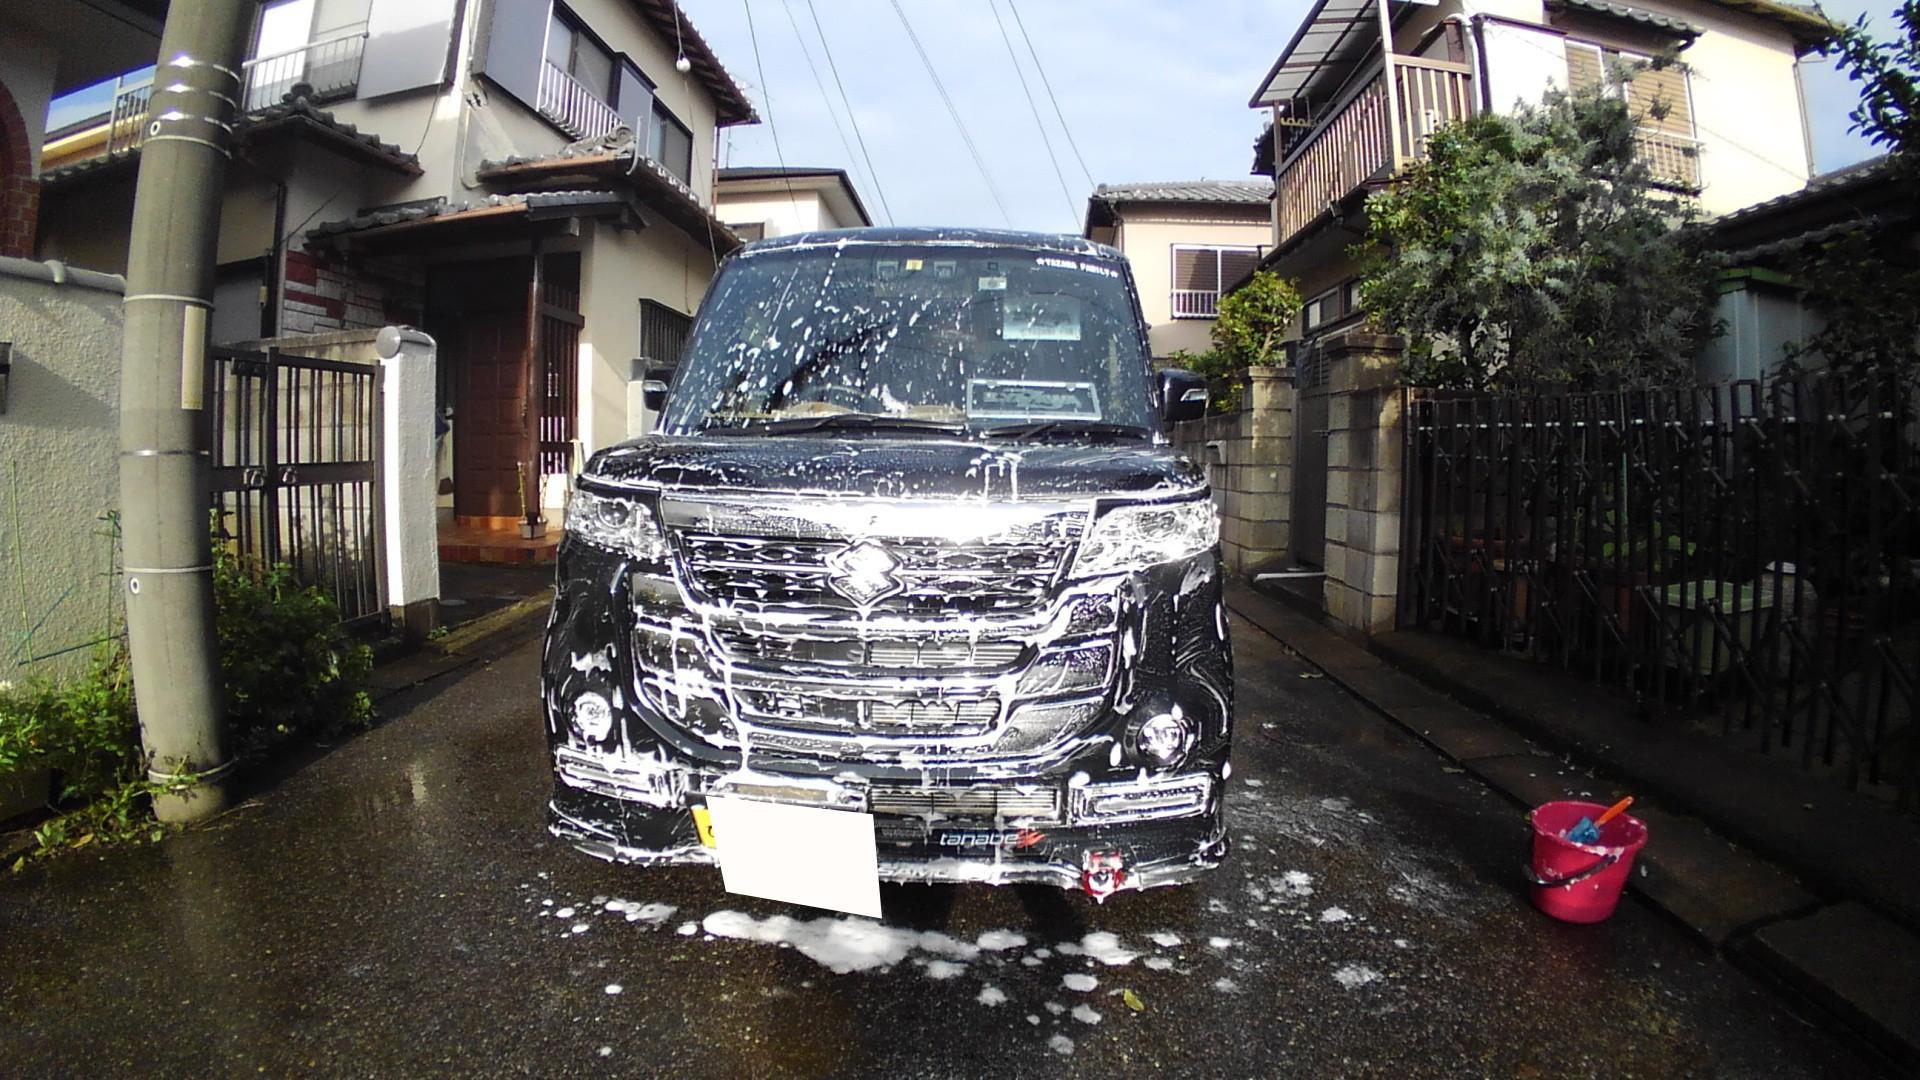 ☆Every week 今週は2回目の洗車です☆